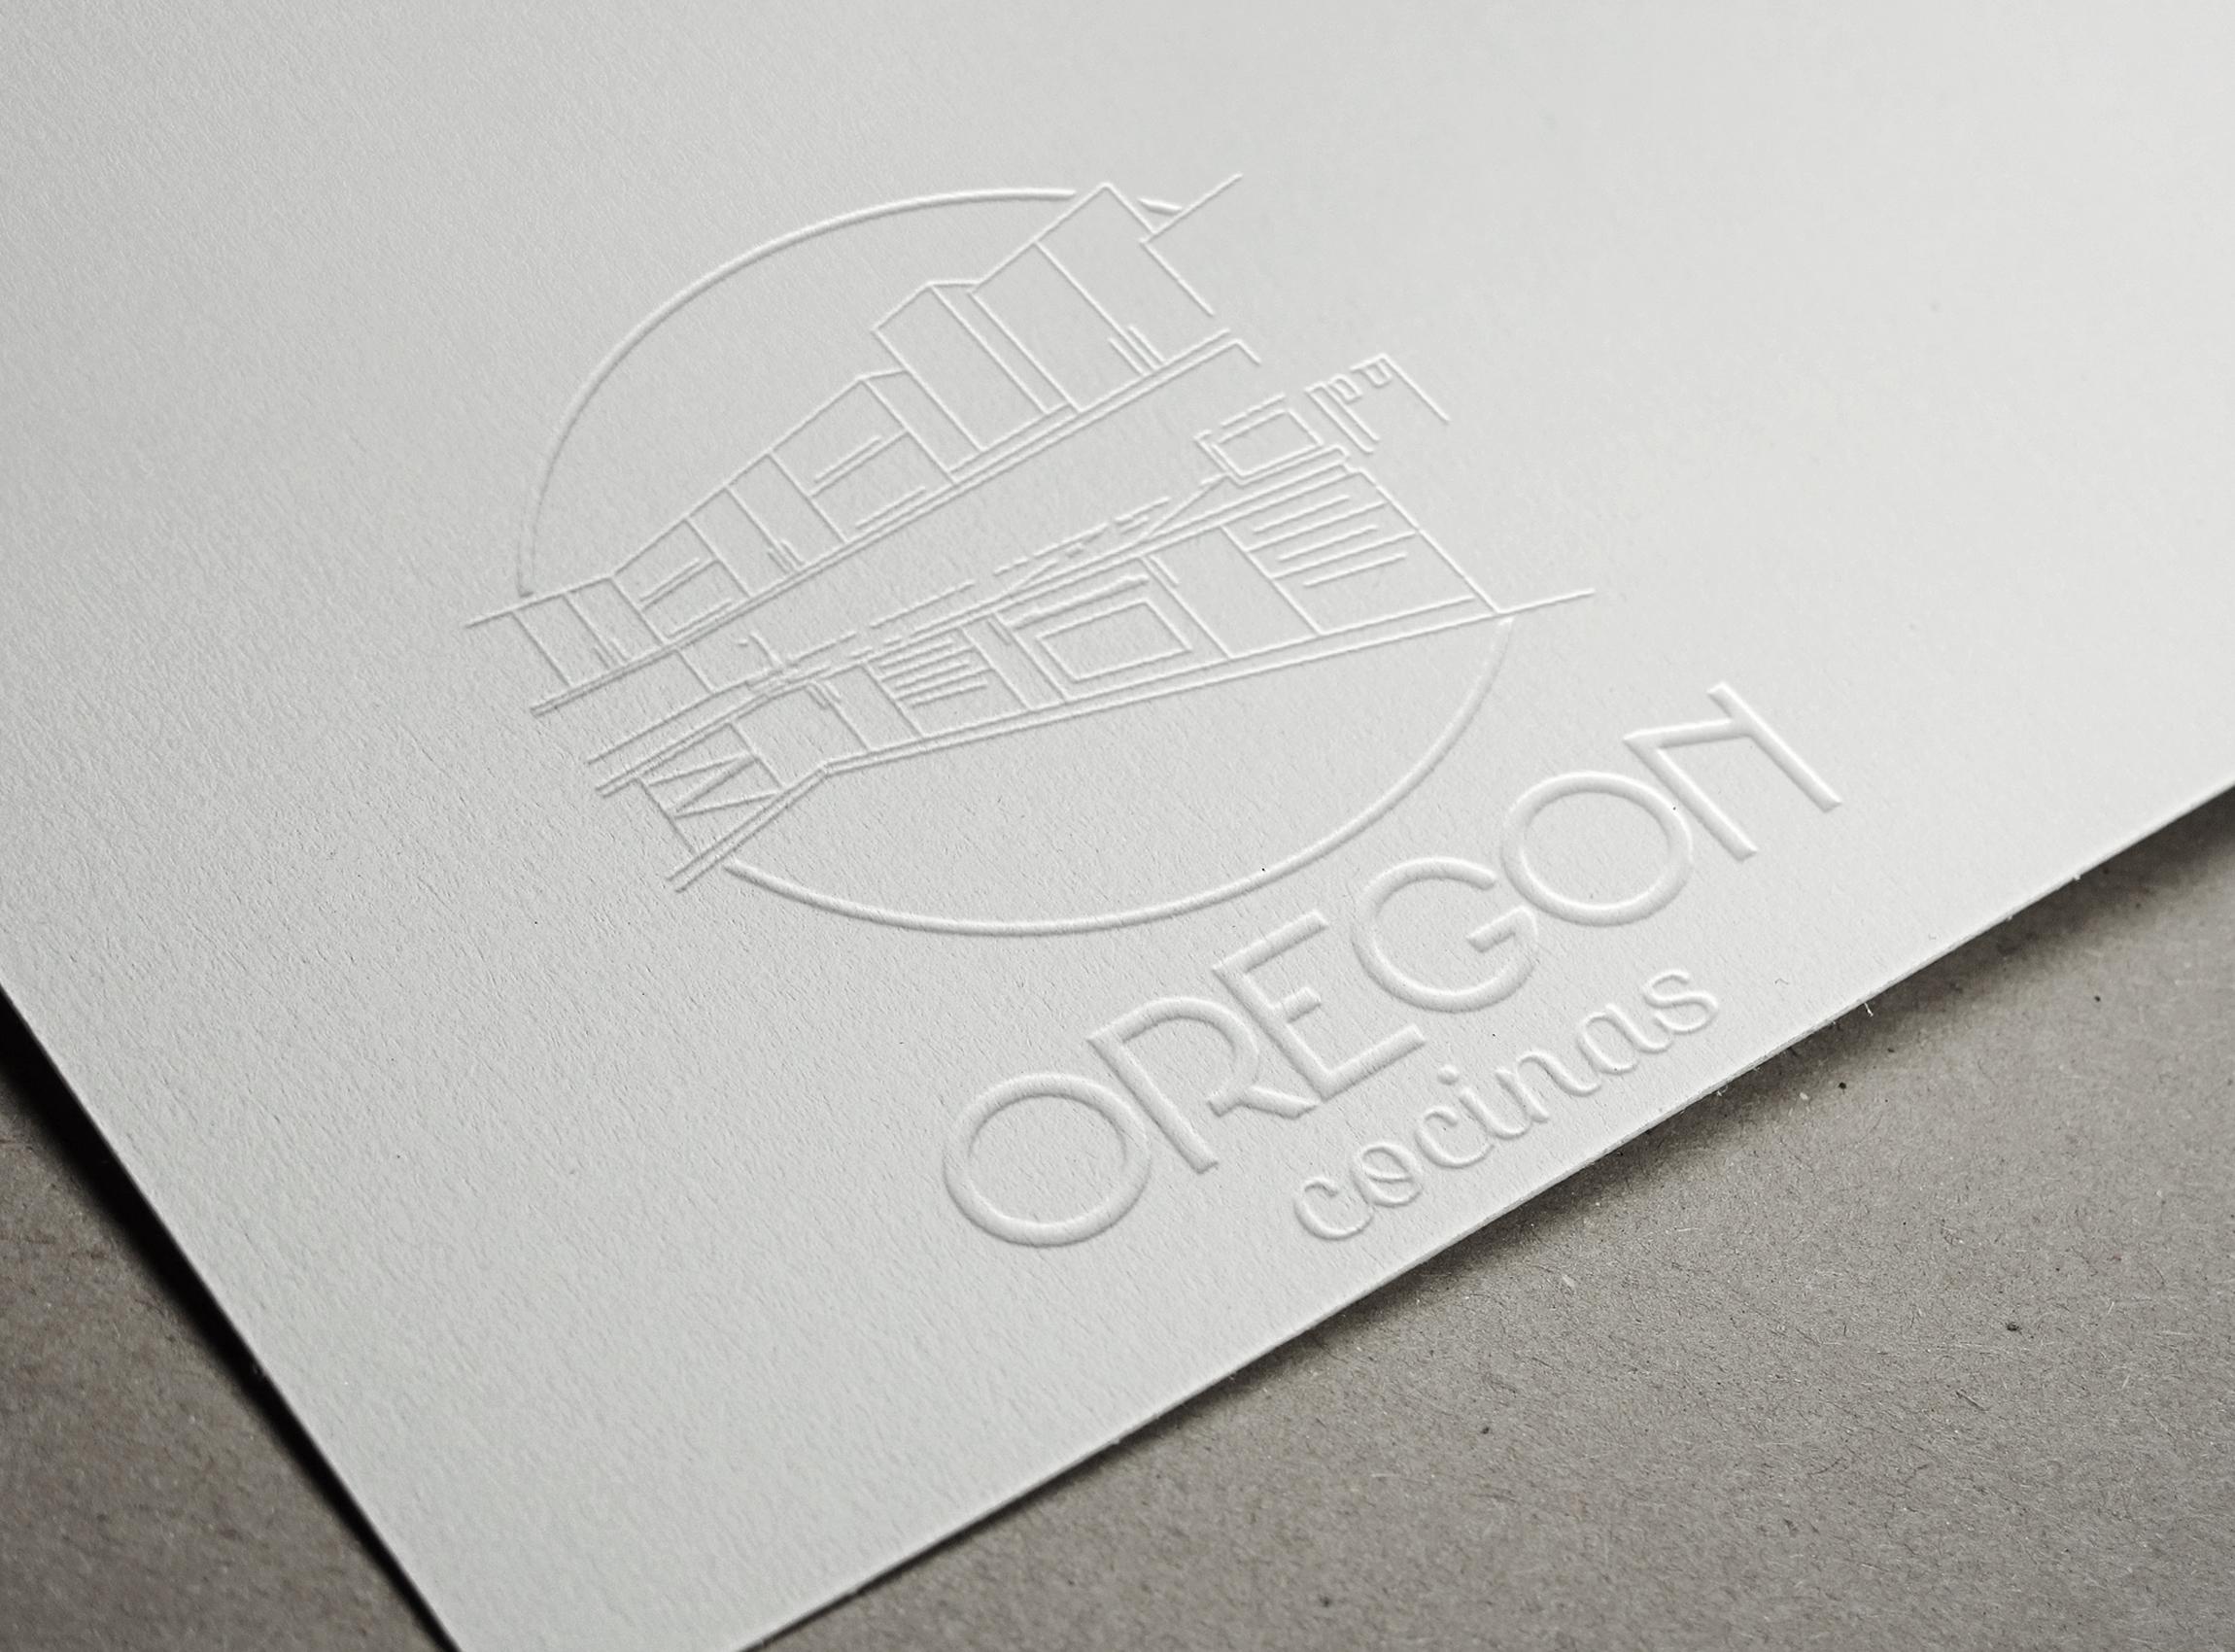 Diseño gráfico, branding, diseño web y restyling de marca Cocinas Oregón